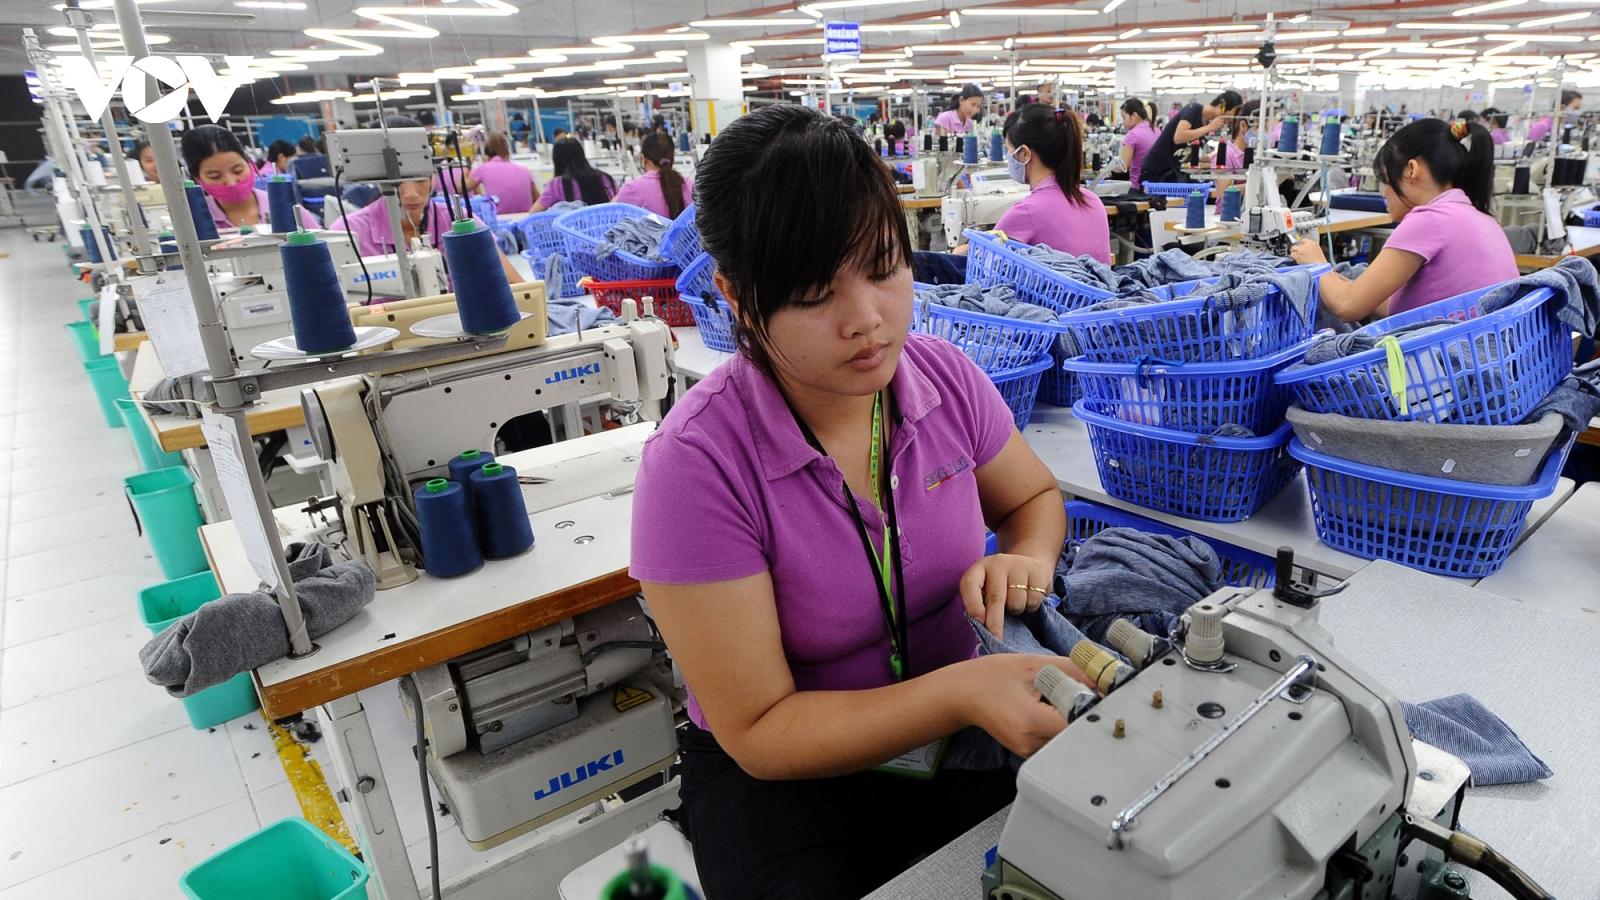 Xuất khẩu dệt may có khả năng vượt ngưỡng vào Liên minh Kinh tế Á Âu